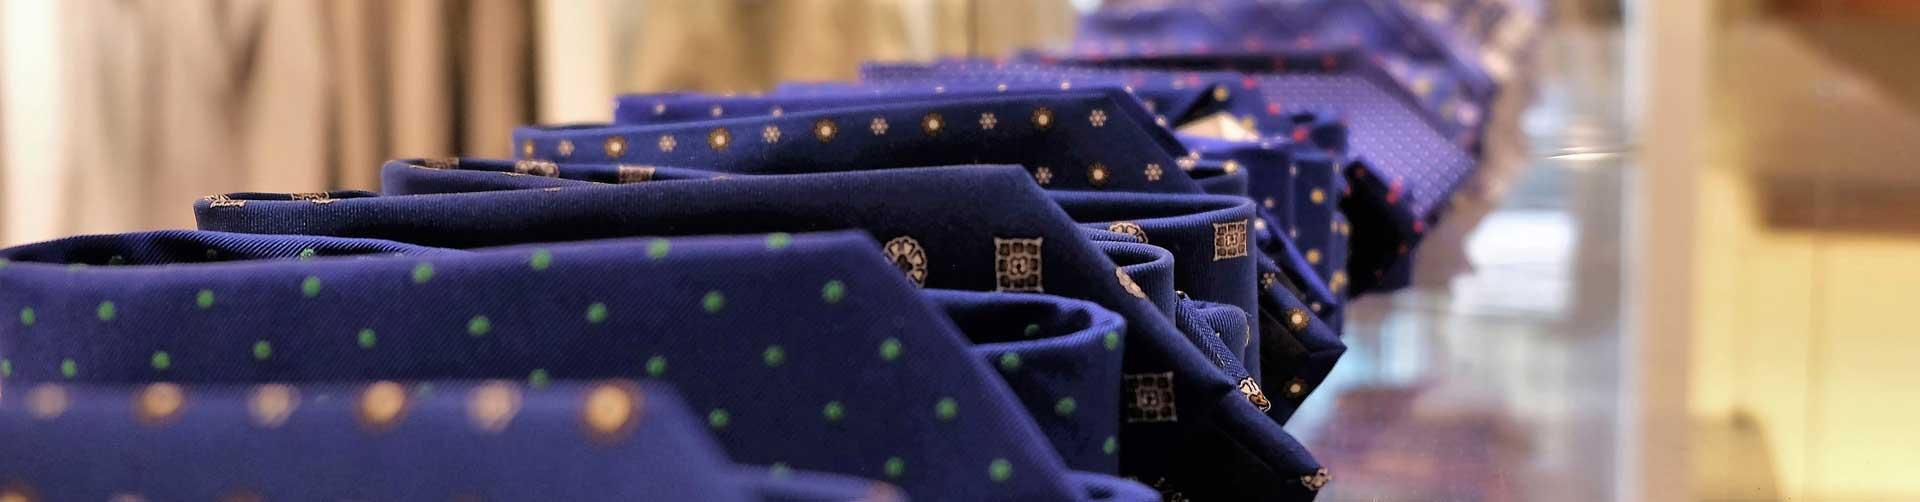 Stile e qualità del Made in Italy